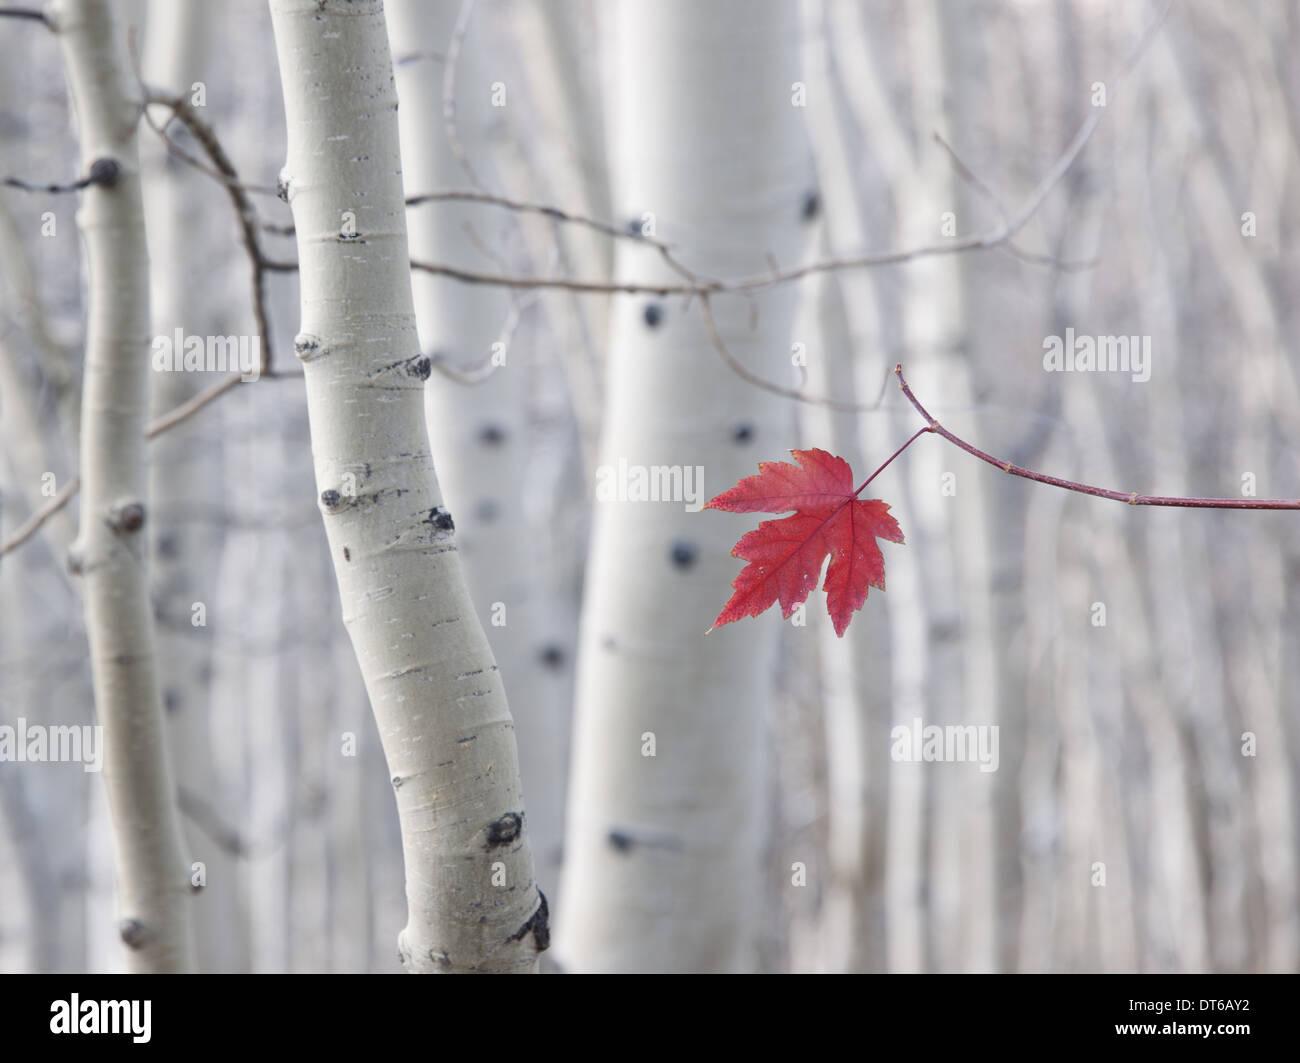 Un singolo rosse foglie di acero in autunno, contro uno sfondo di Aspen Tree trunk con crema e bianco corteccia. Wasatch National Forest. Immagini Stock